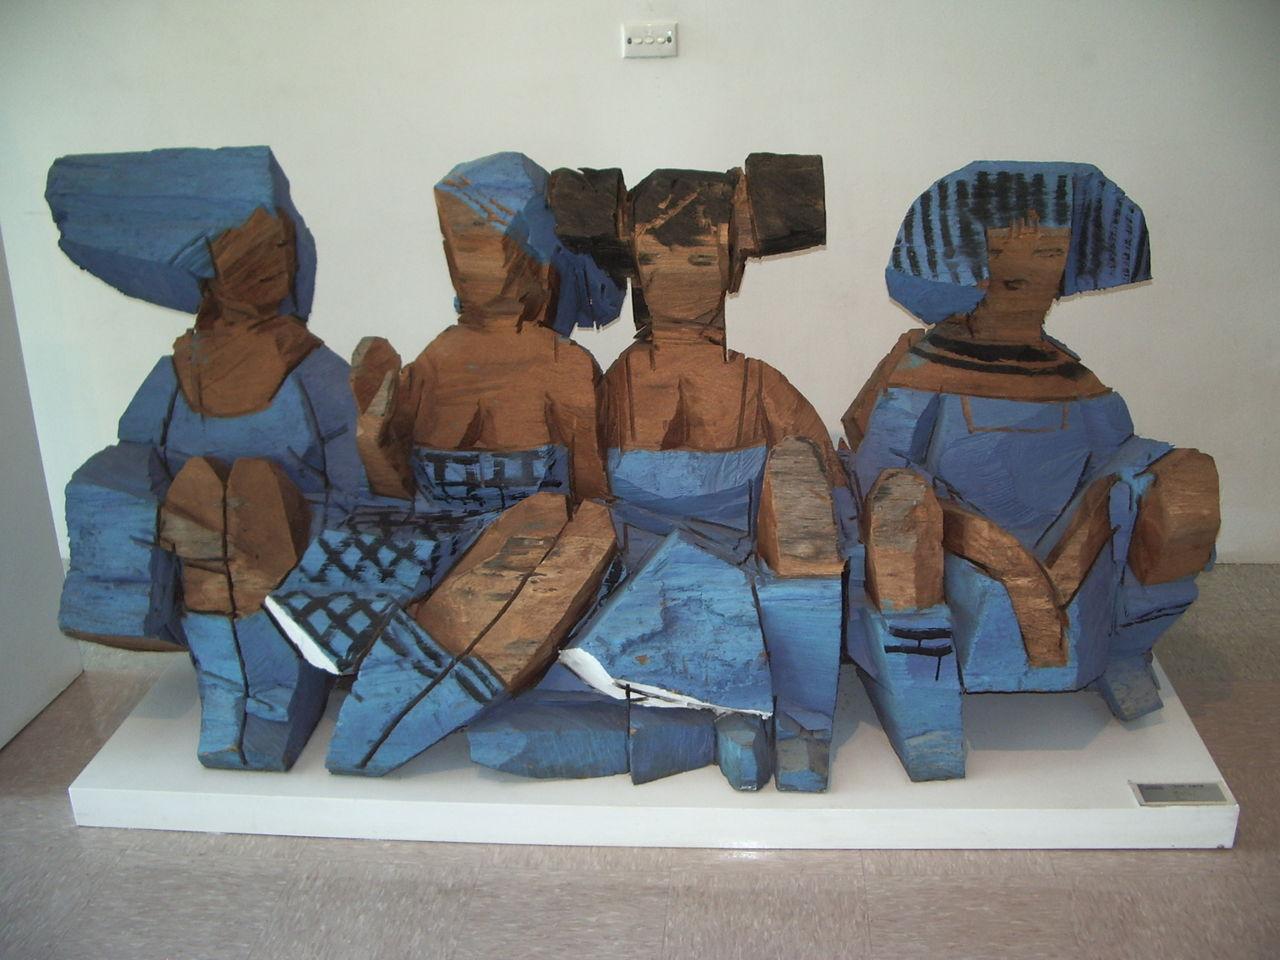 室内彩雕 - 水木白艺术坊 - 贵阳 画室 高考美术培训